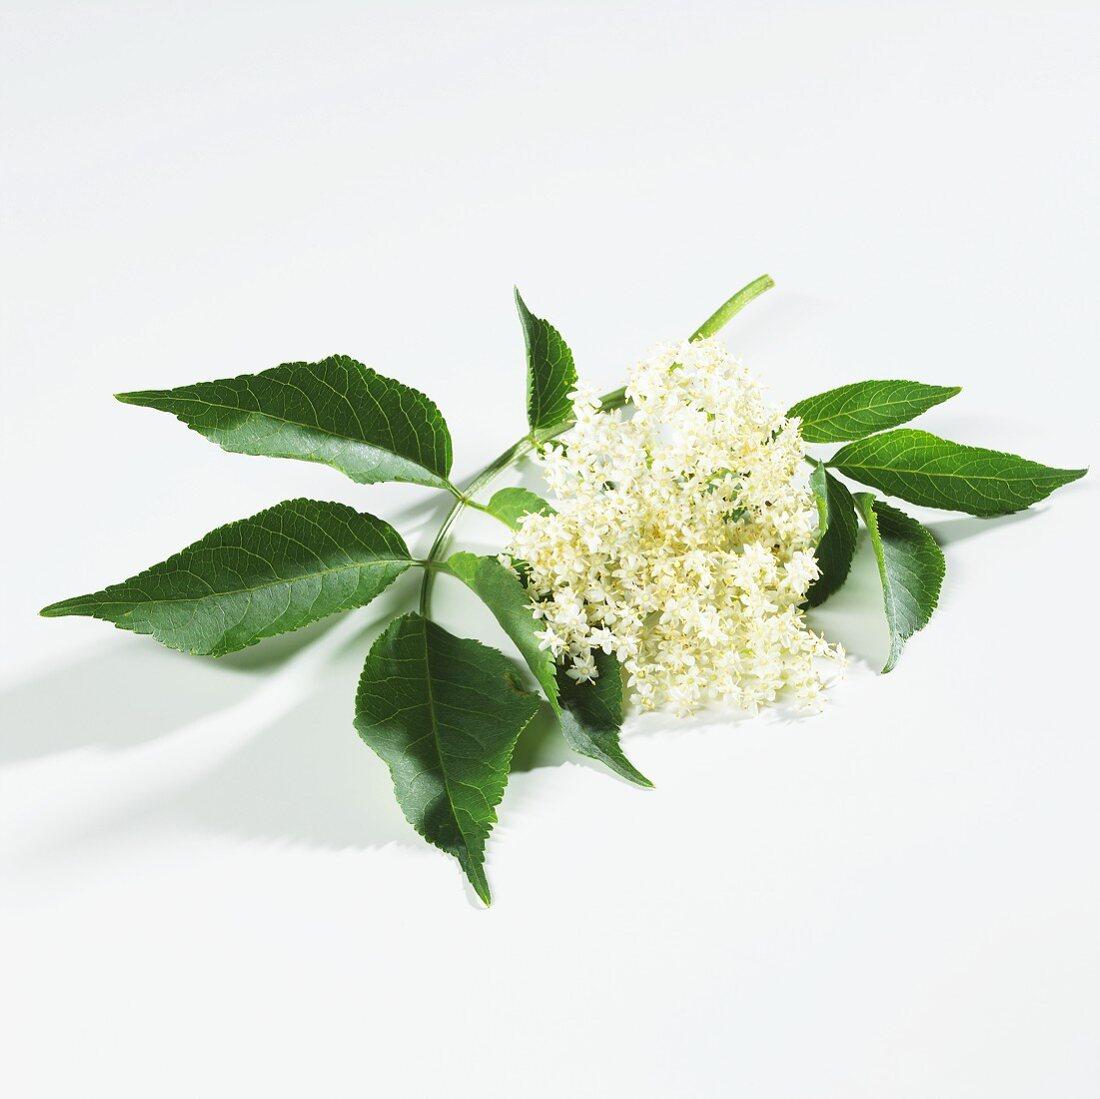 Elderflowers with leaves